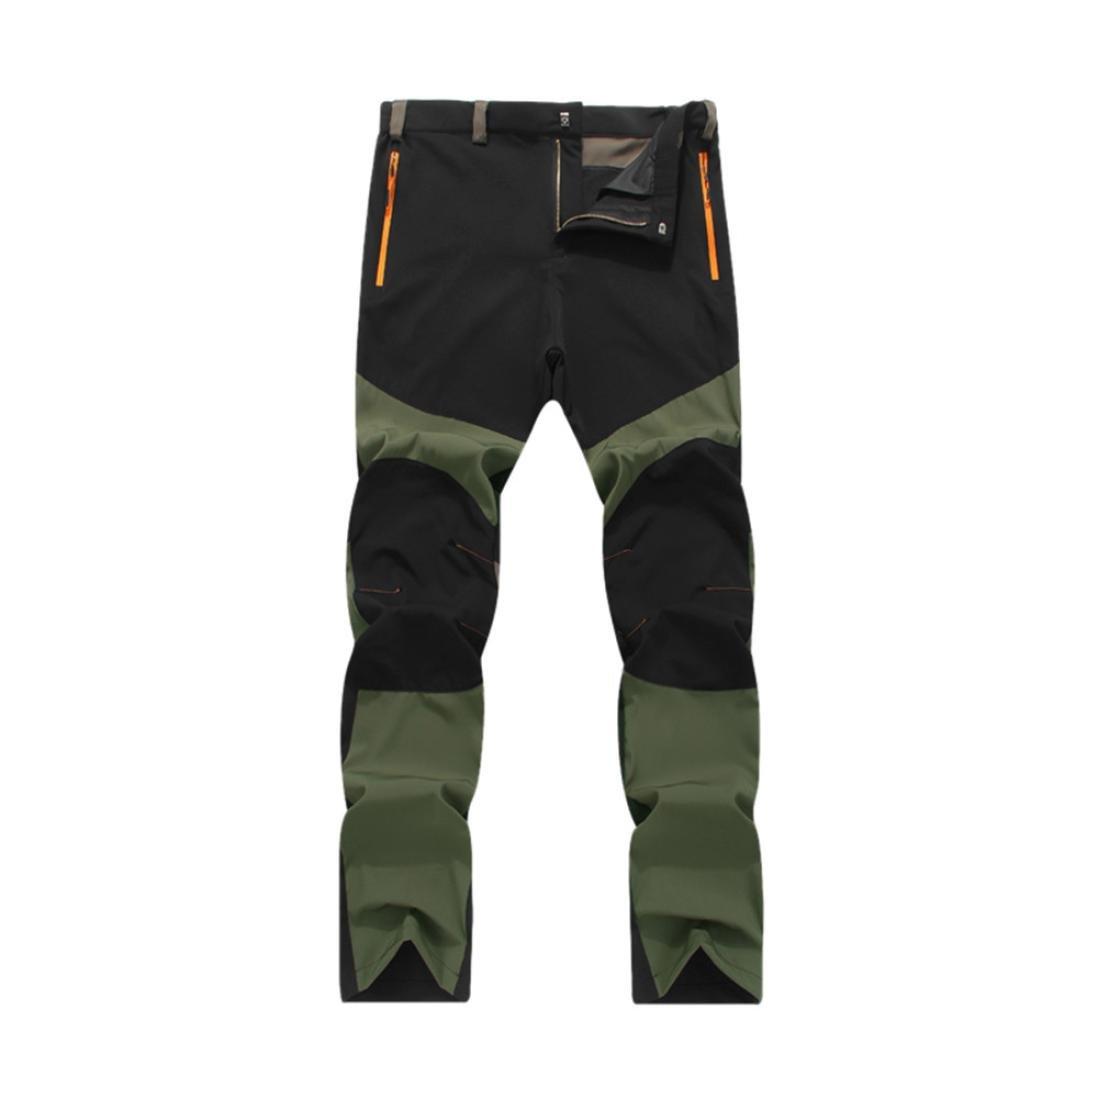 Pantalones de hombre Impermeable A prueba de viento Al aire libre Excursionismo Alpinismo Deportes Calentar Invierno Grueso Táctico Pantalones LMMVP (L, ...